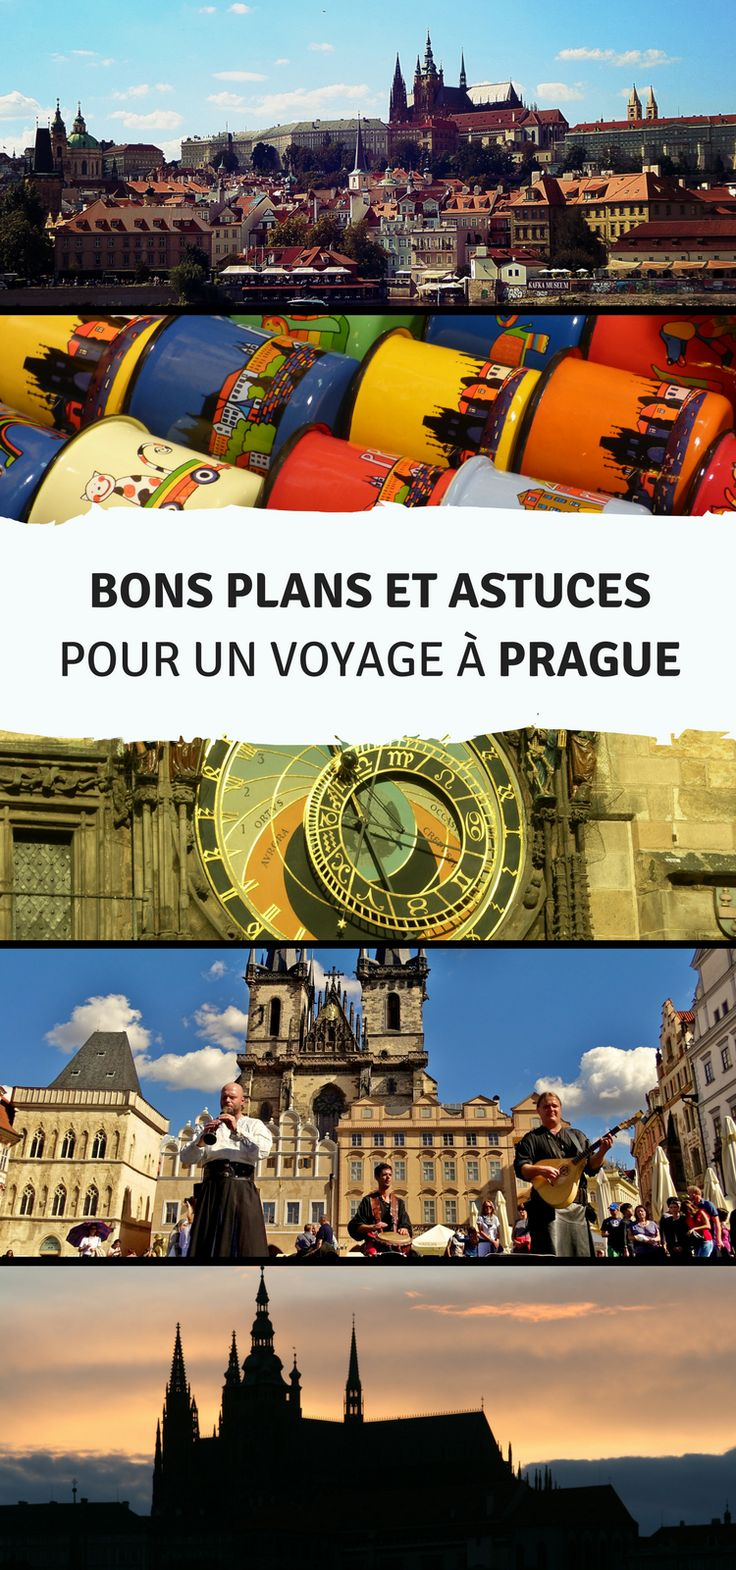 Comment bien aborder son voyage à Prague ? Que visiter et comment s'organiser ? Nous vous donnons nos conseils. #Prague #Tchéquie #républiquetchèque